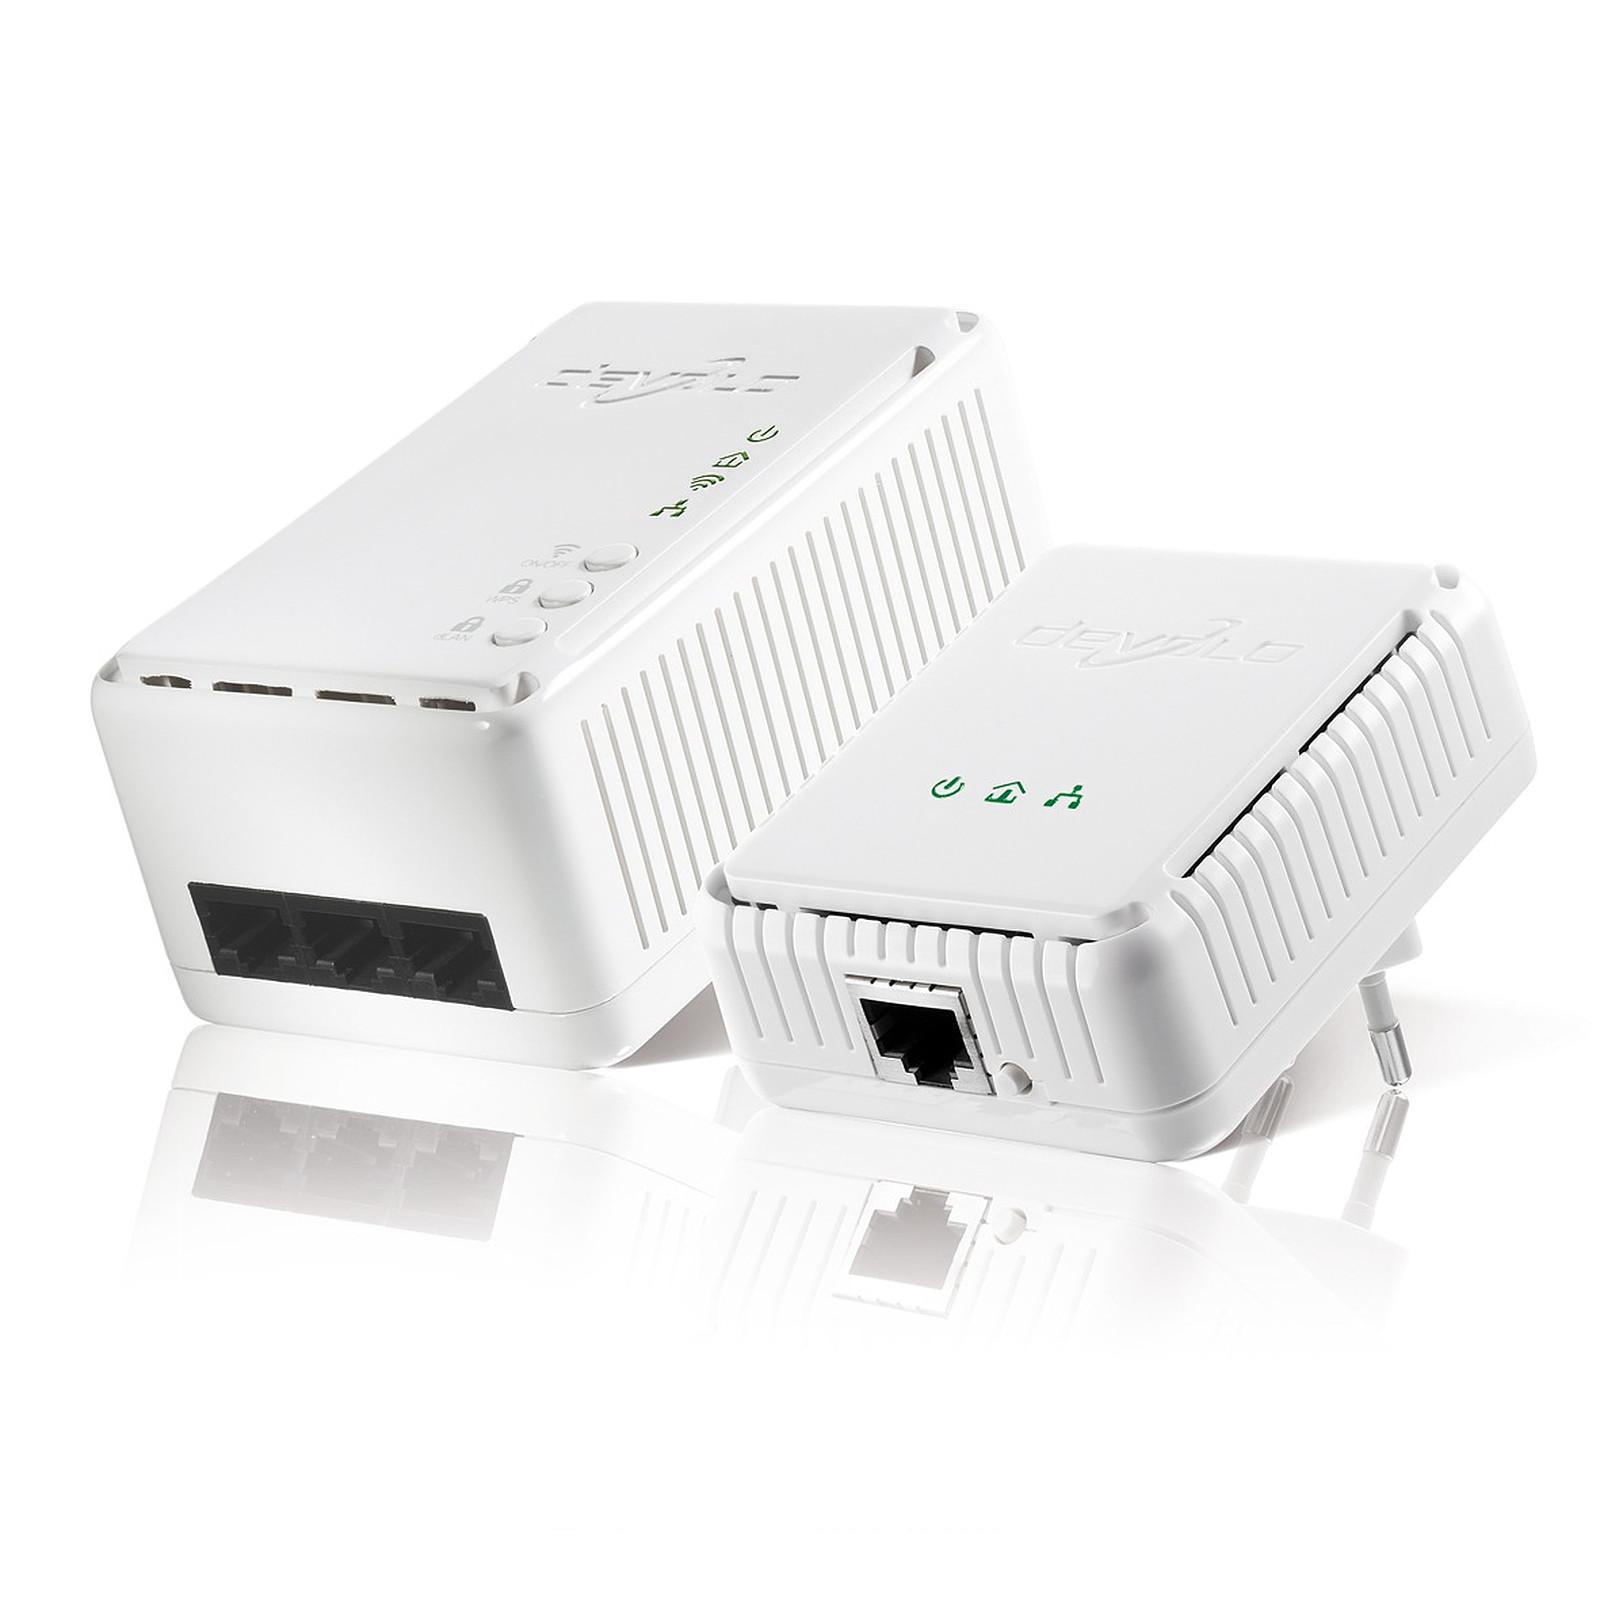 Devolo dLAN 200 AV Wireless N Starter Kit